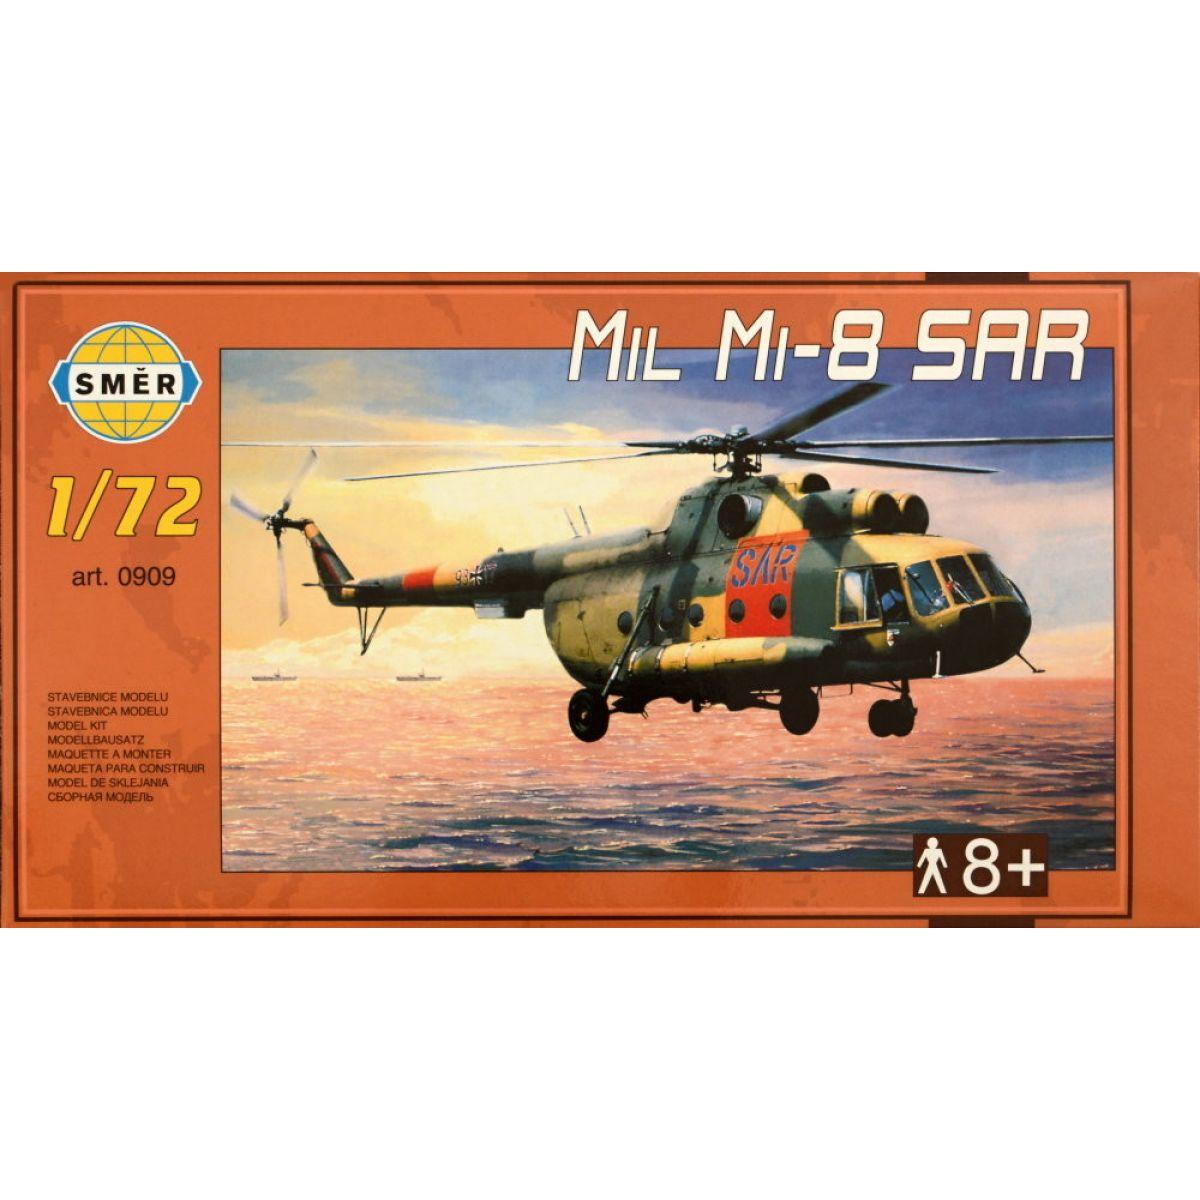 Smer Model Mil Mi-8 SAR 1:72